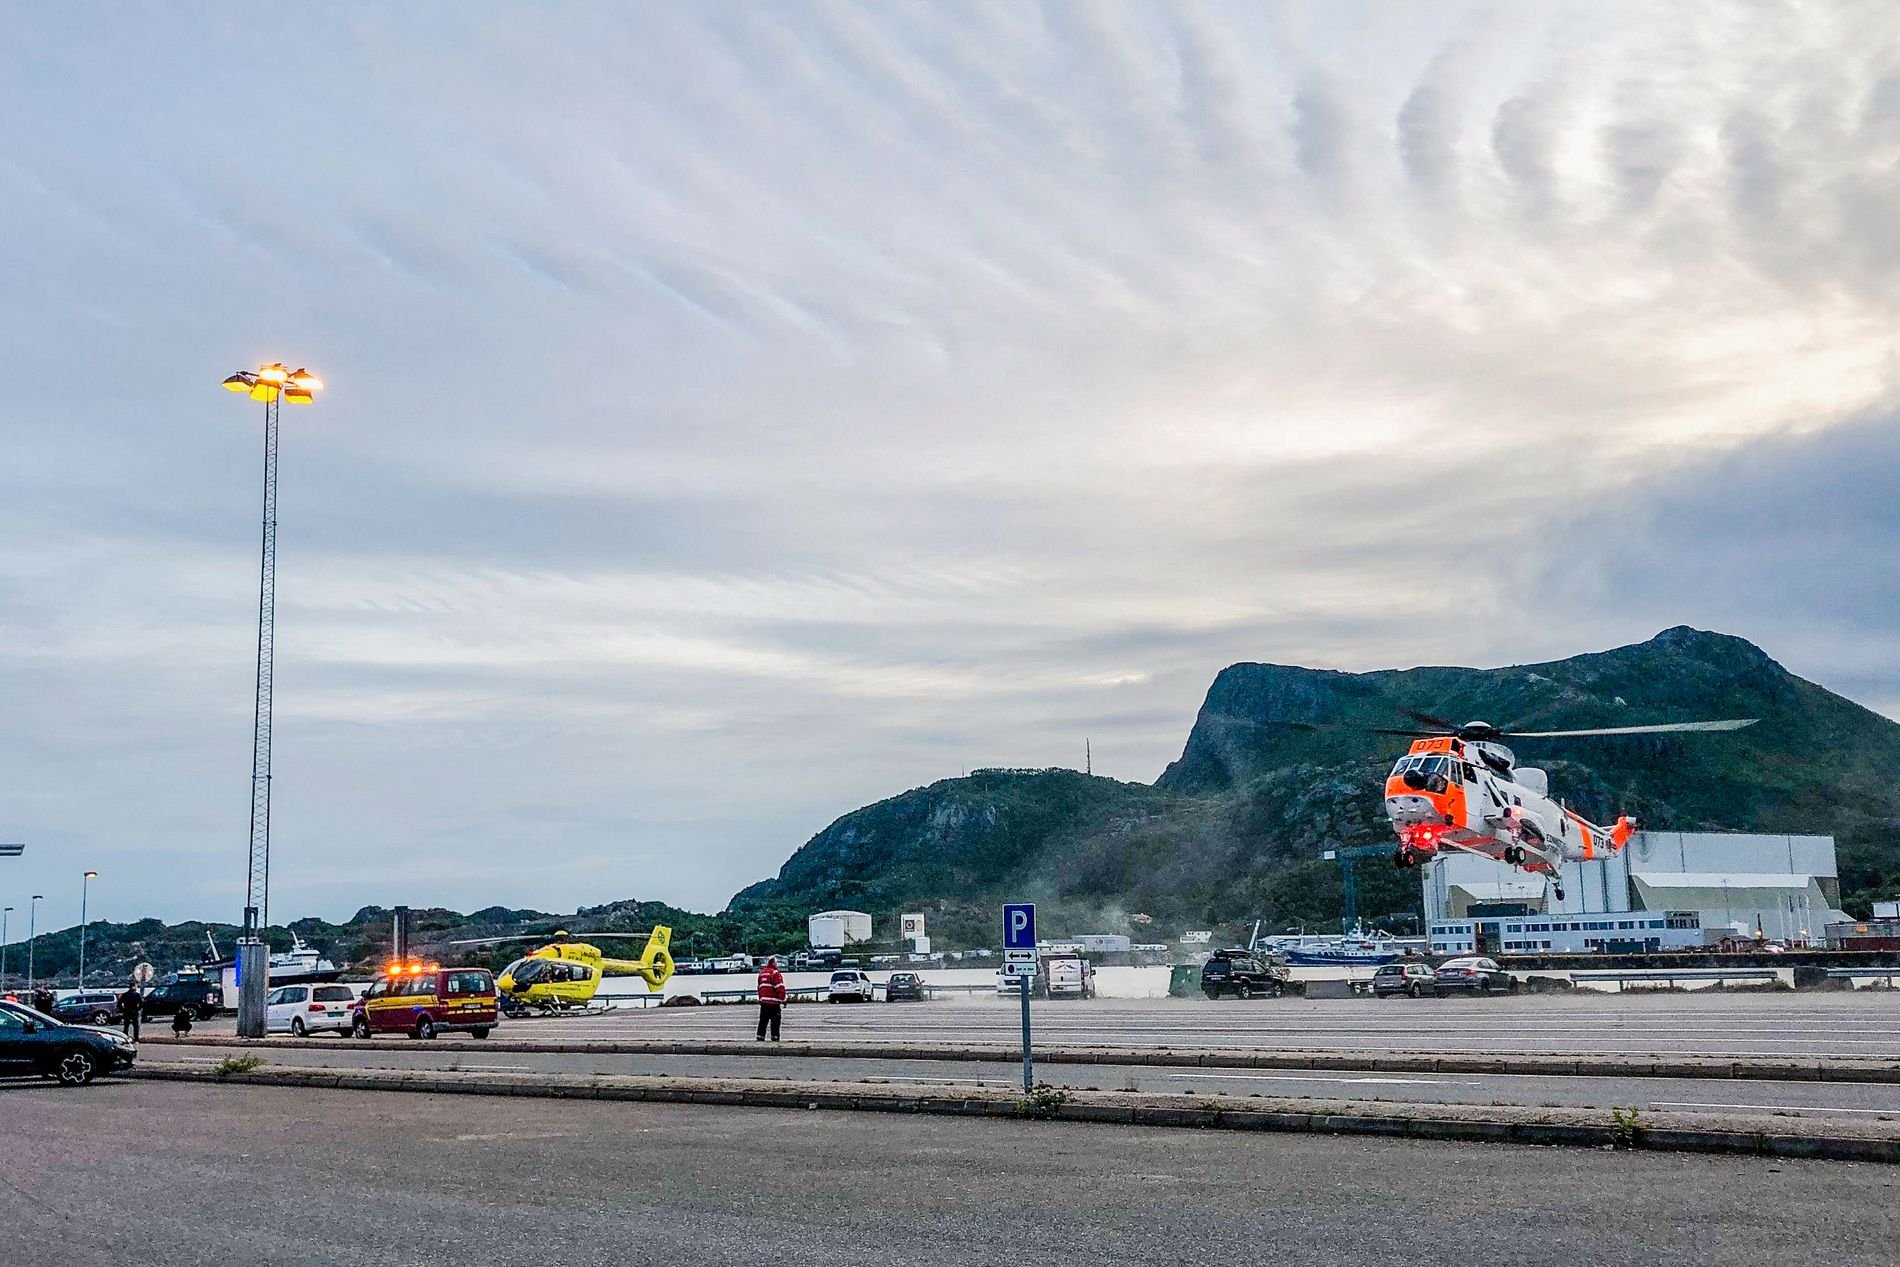 STOR REDNINGSAKSJON: Nødetatene rykket ut til fergekaien i Svolvær like etter klokken 20.